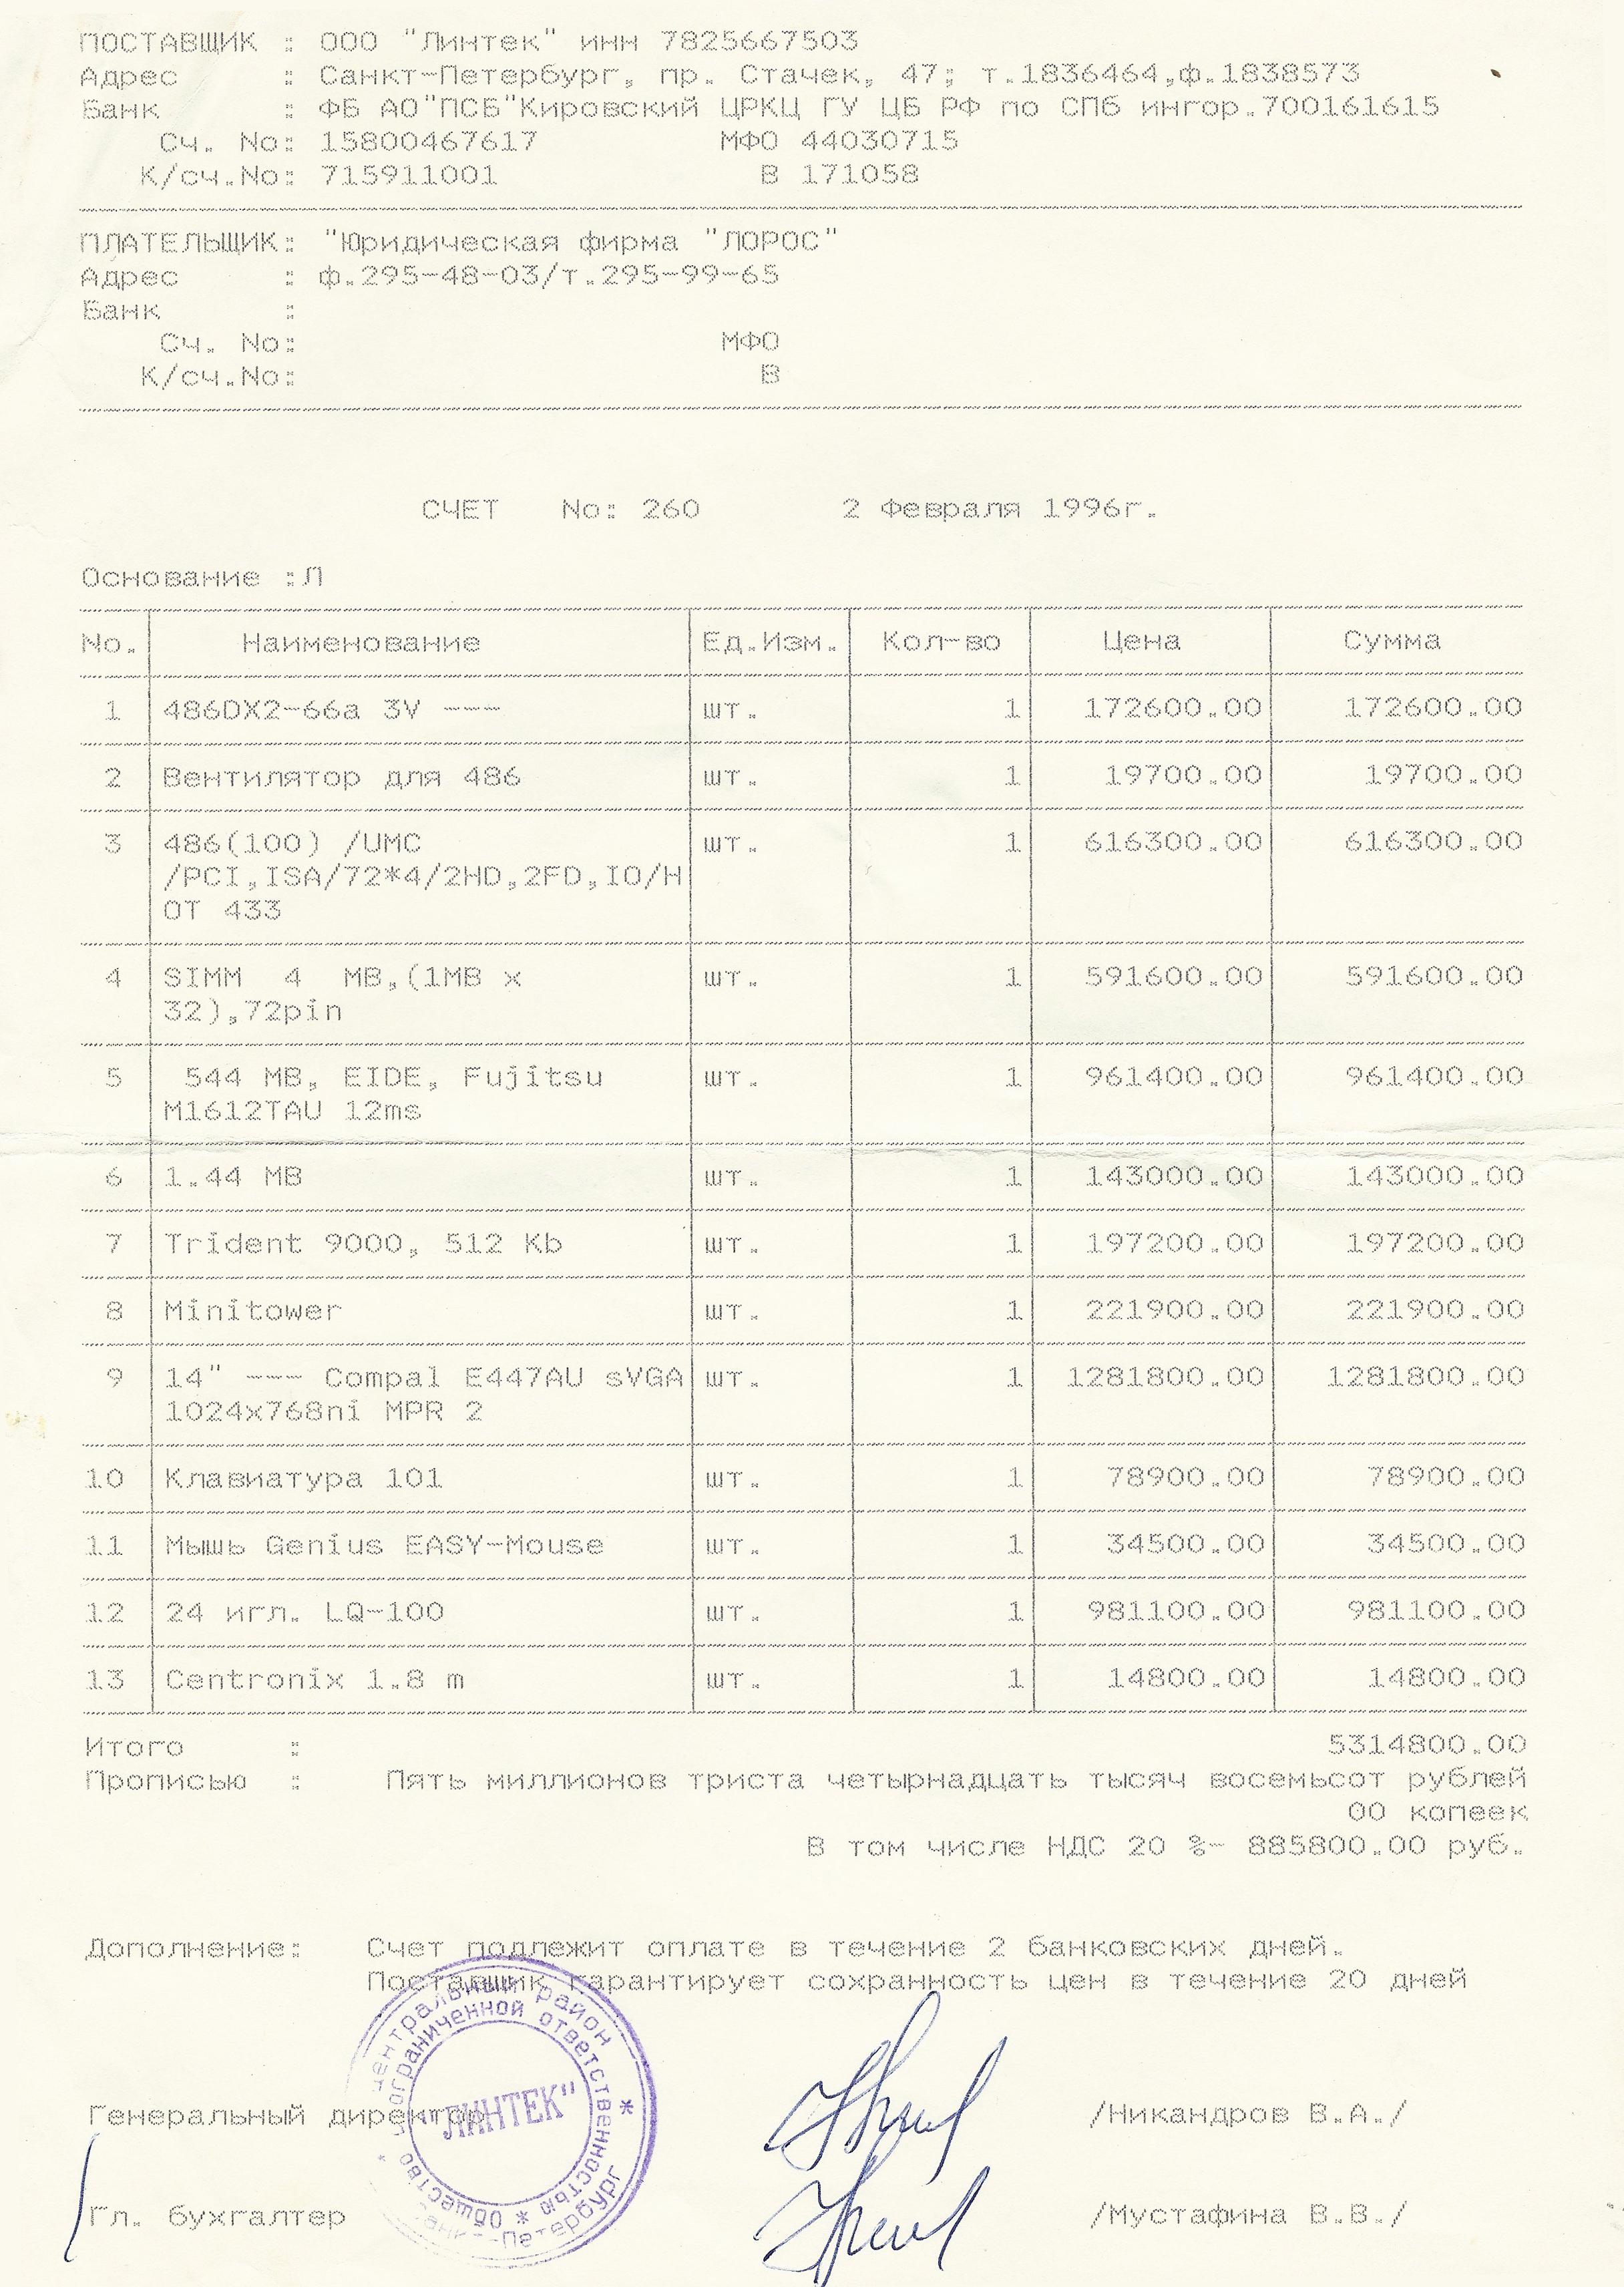 98c7a53e343a4 Привет из 1996 г.: Персональный компьютер за 5 млн. руб / Хабр